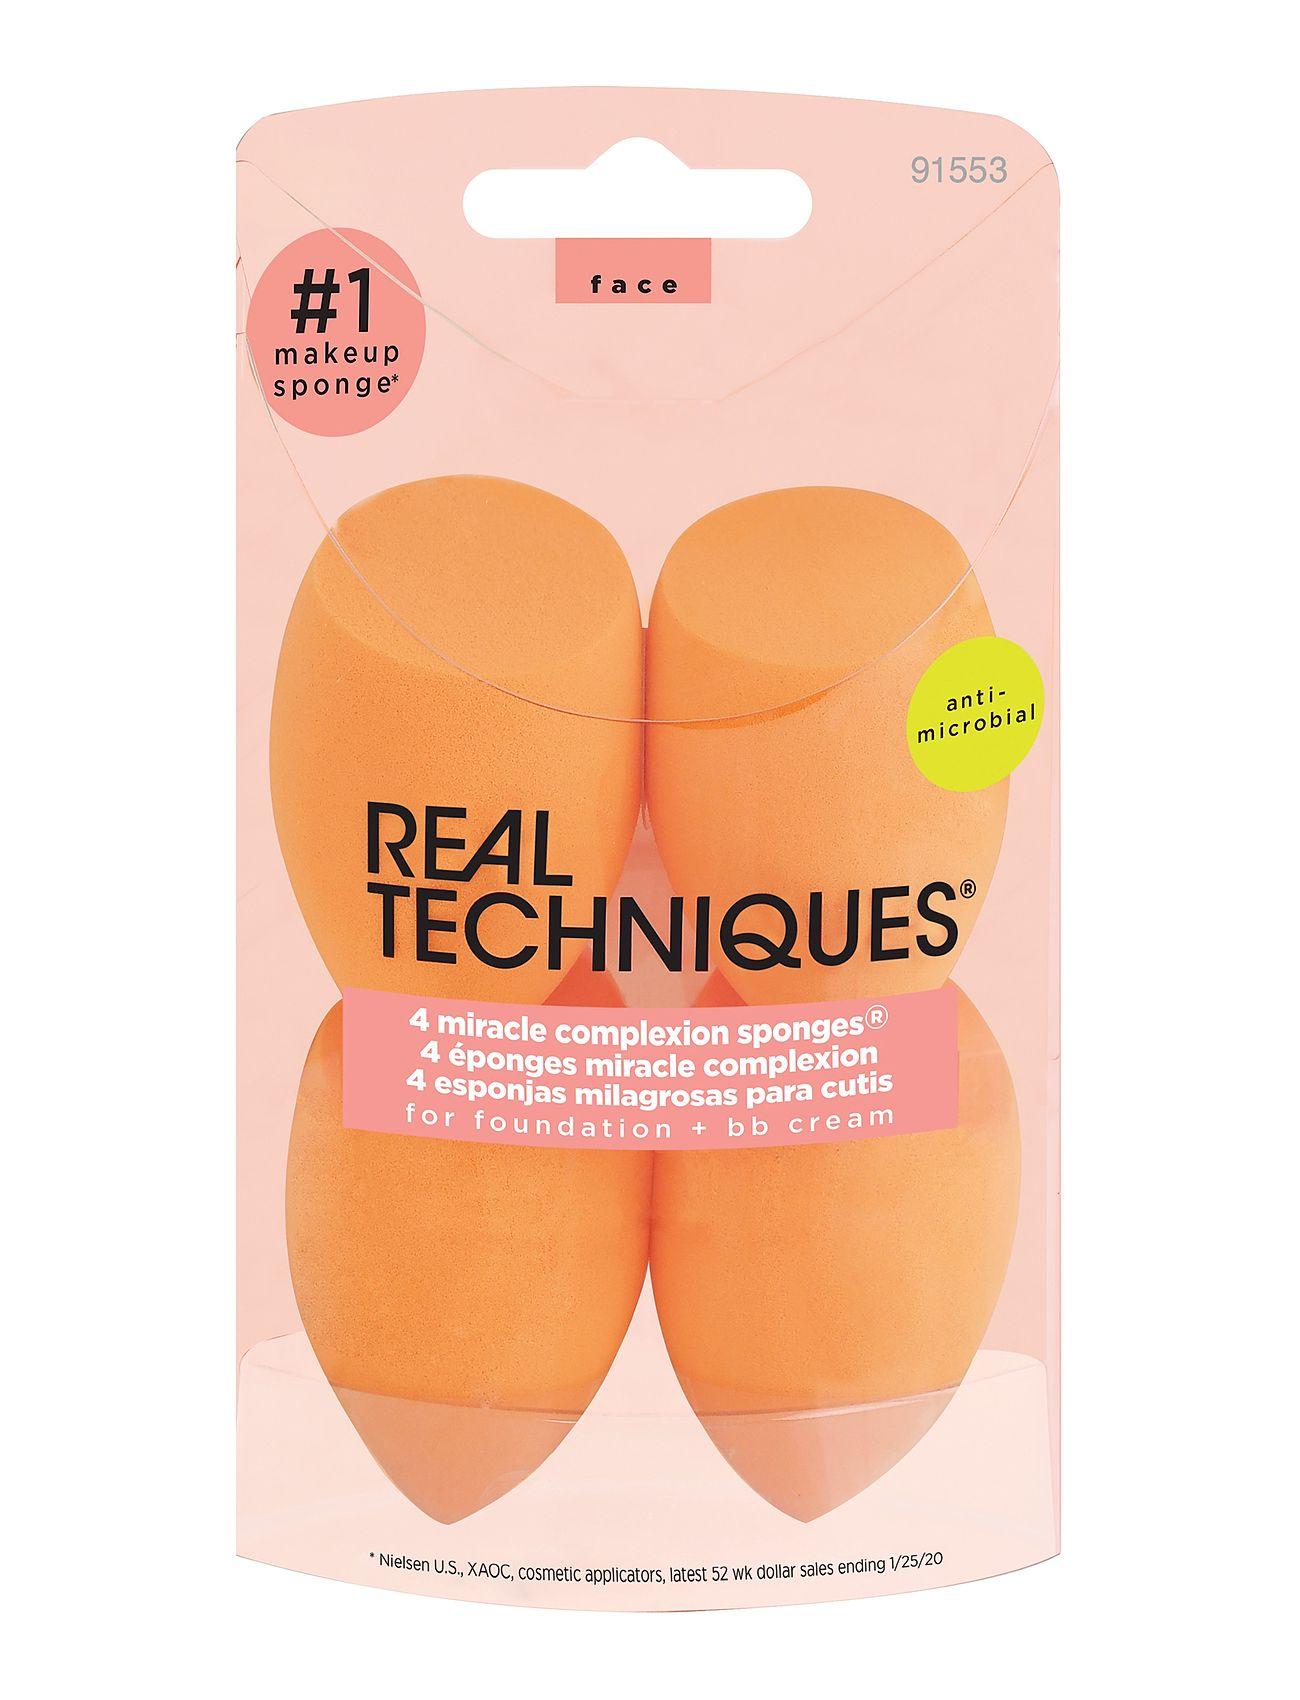 Image of Real Techniques 4 Miracle Complexion Sponges Beauty WOMEN Makeup Sponges & Applicators Orange Real Techniques (3406153229)